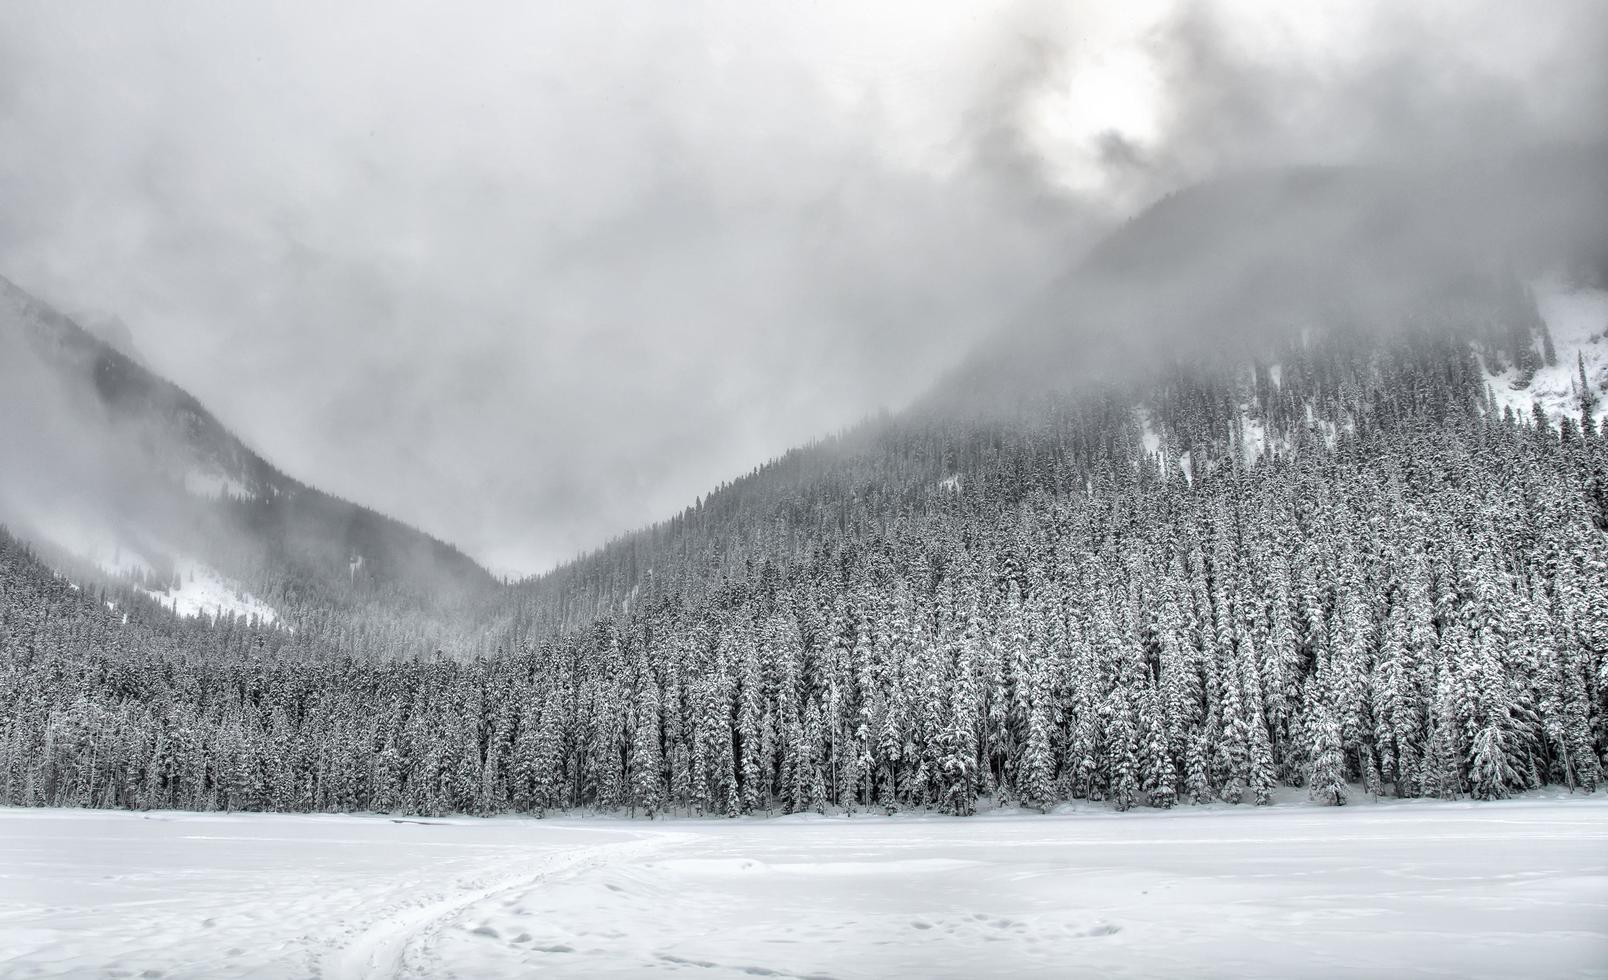 schneebedeckte baumbedeckte Berge foto